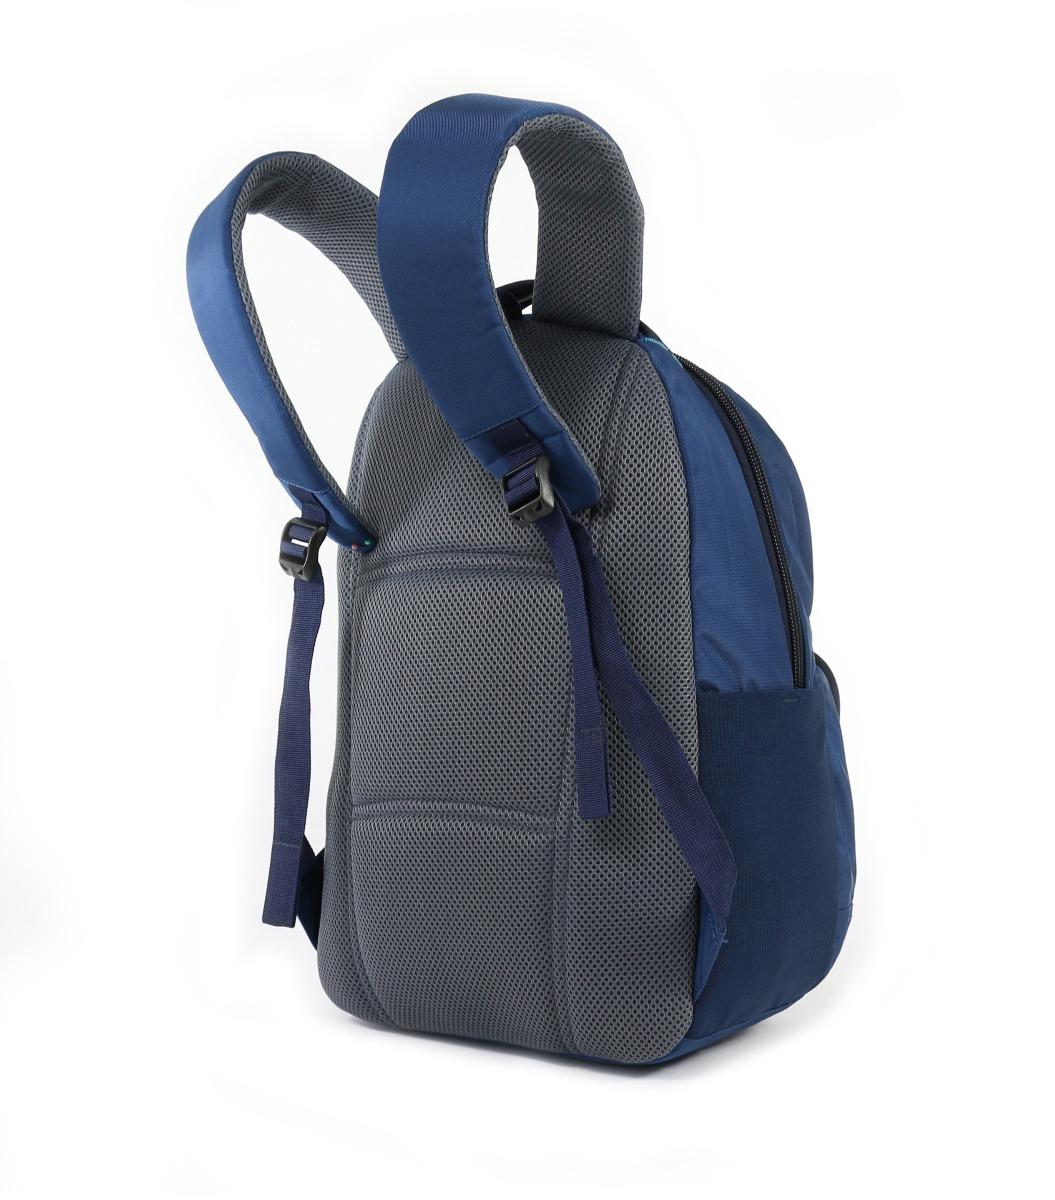 6169d6d89 Mochila Samsonite Motion Io Azul Petróleo - R$ 199,90 em Mercado Livre